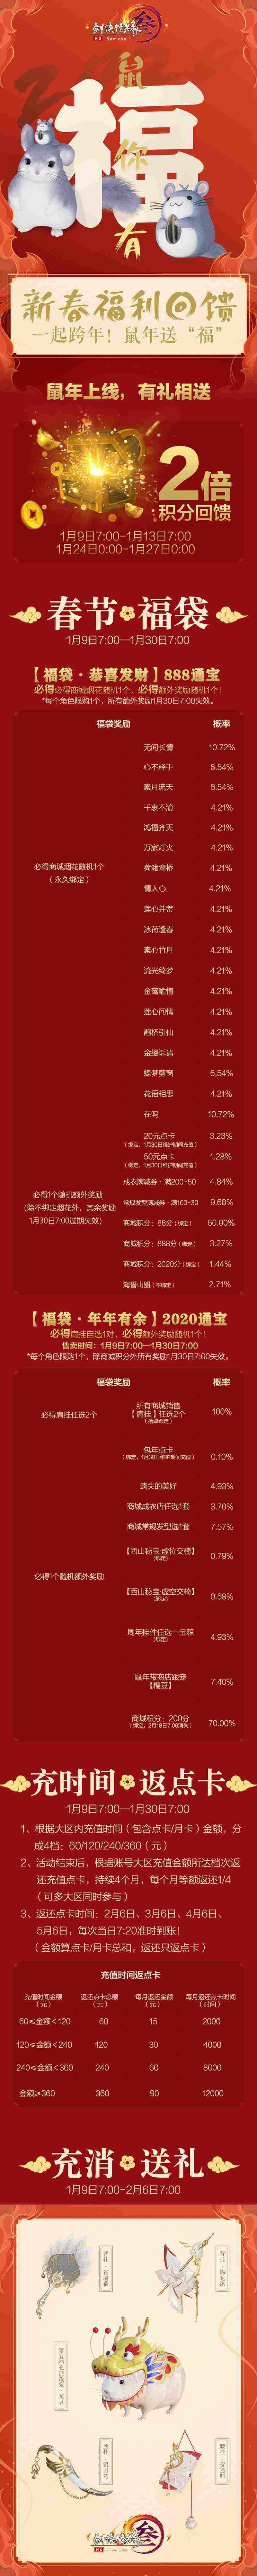 《剑网3》新春盛典1.9隆重开启 飞雪折梦大片今日首映